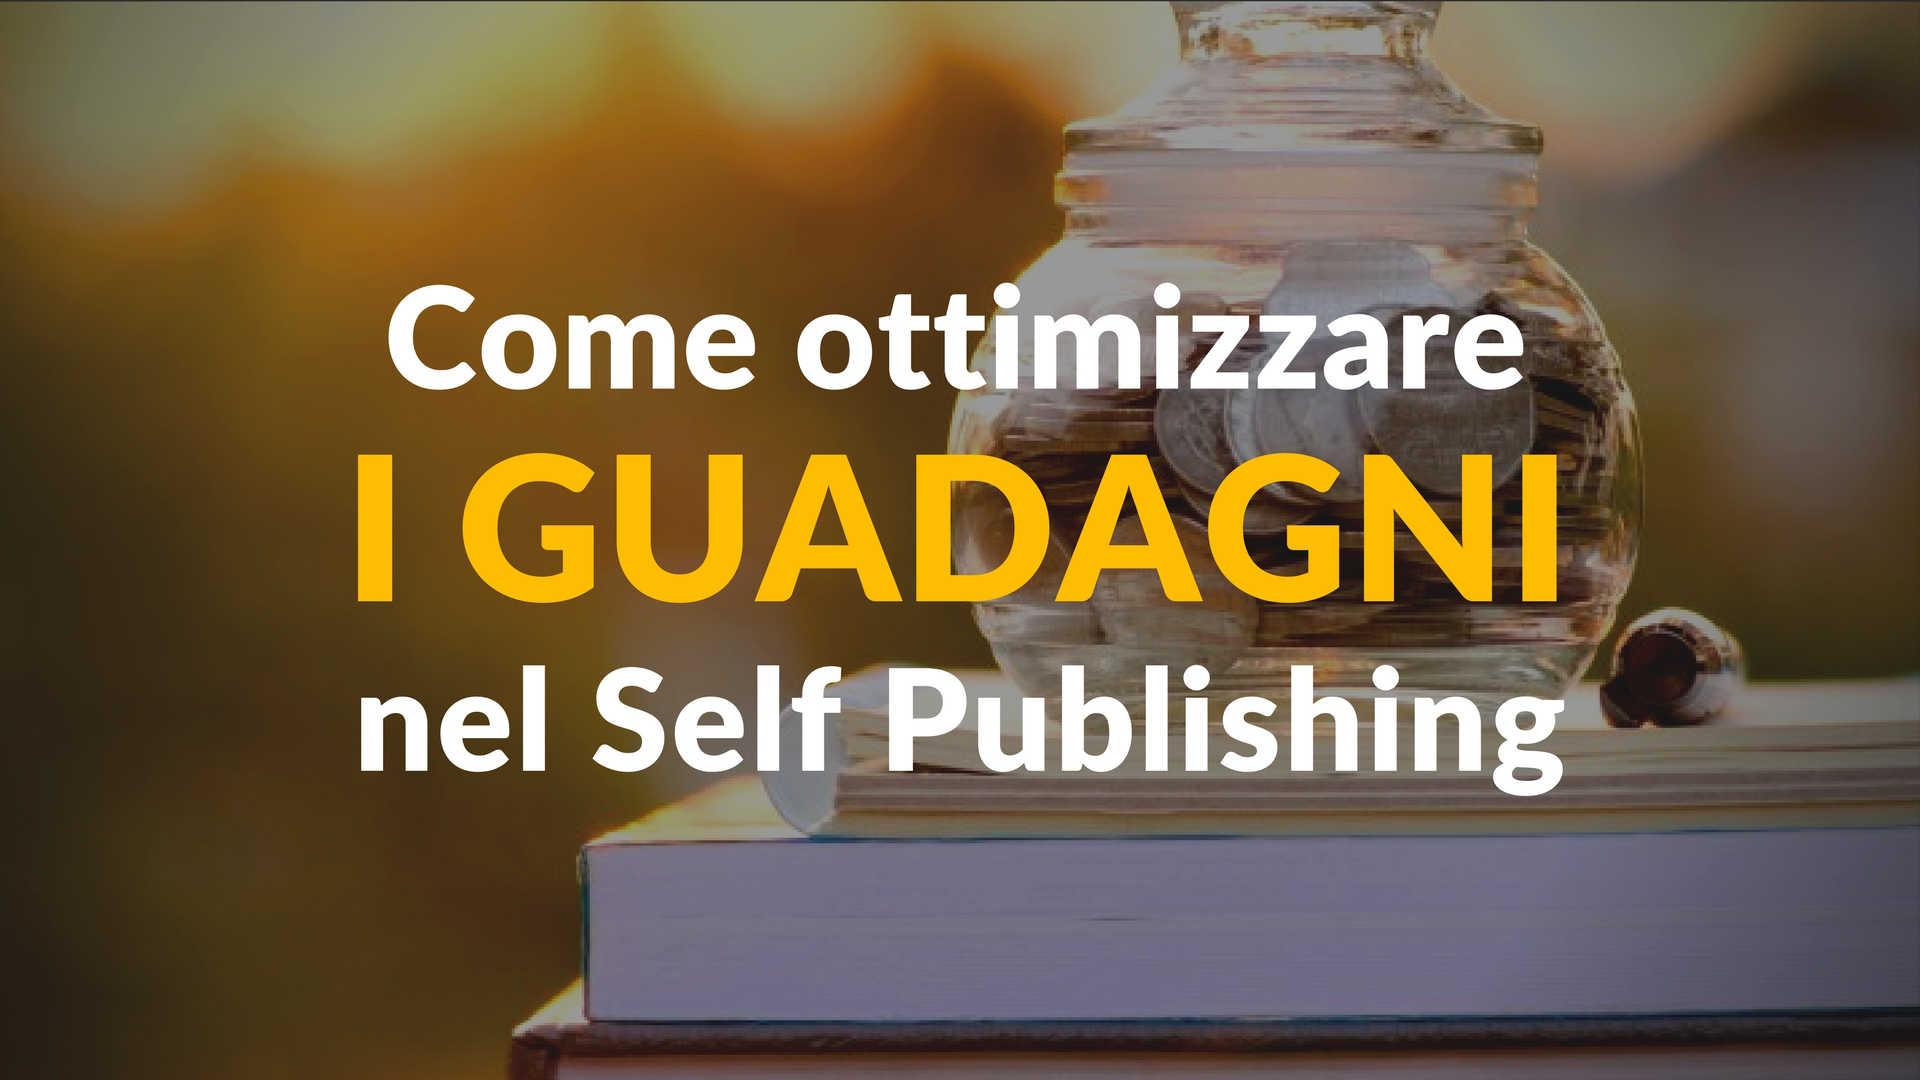 Come ottimizzare i guadagni nel Self Publishing